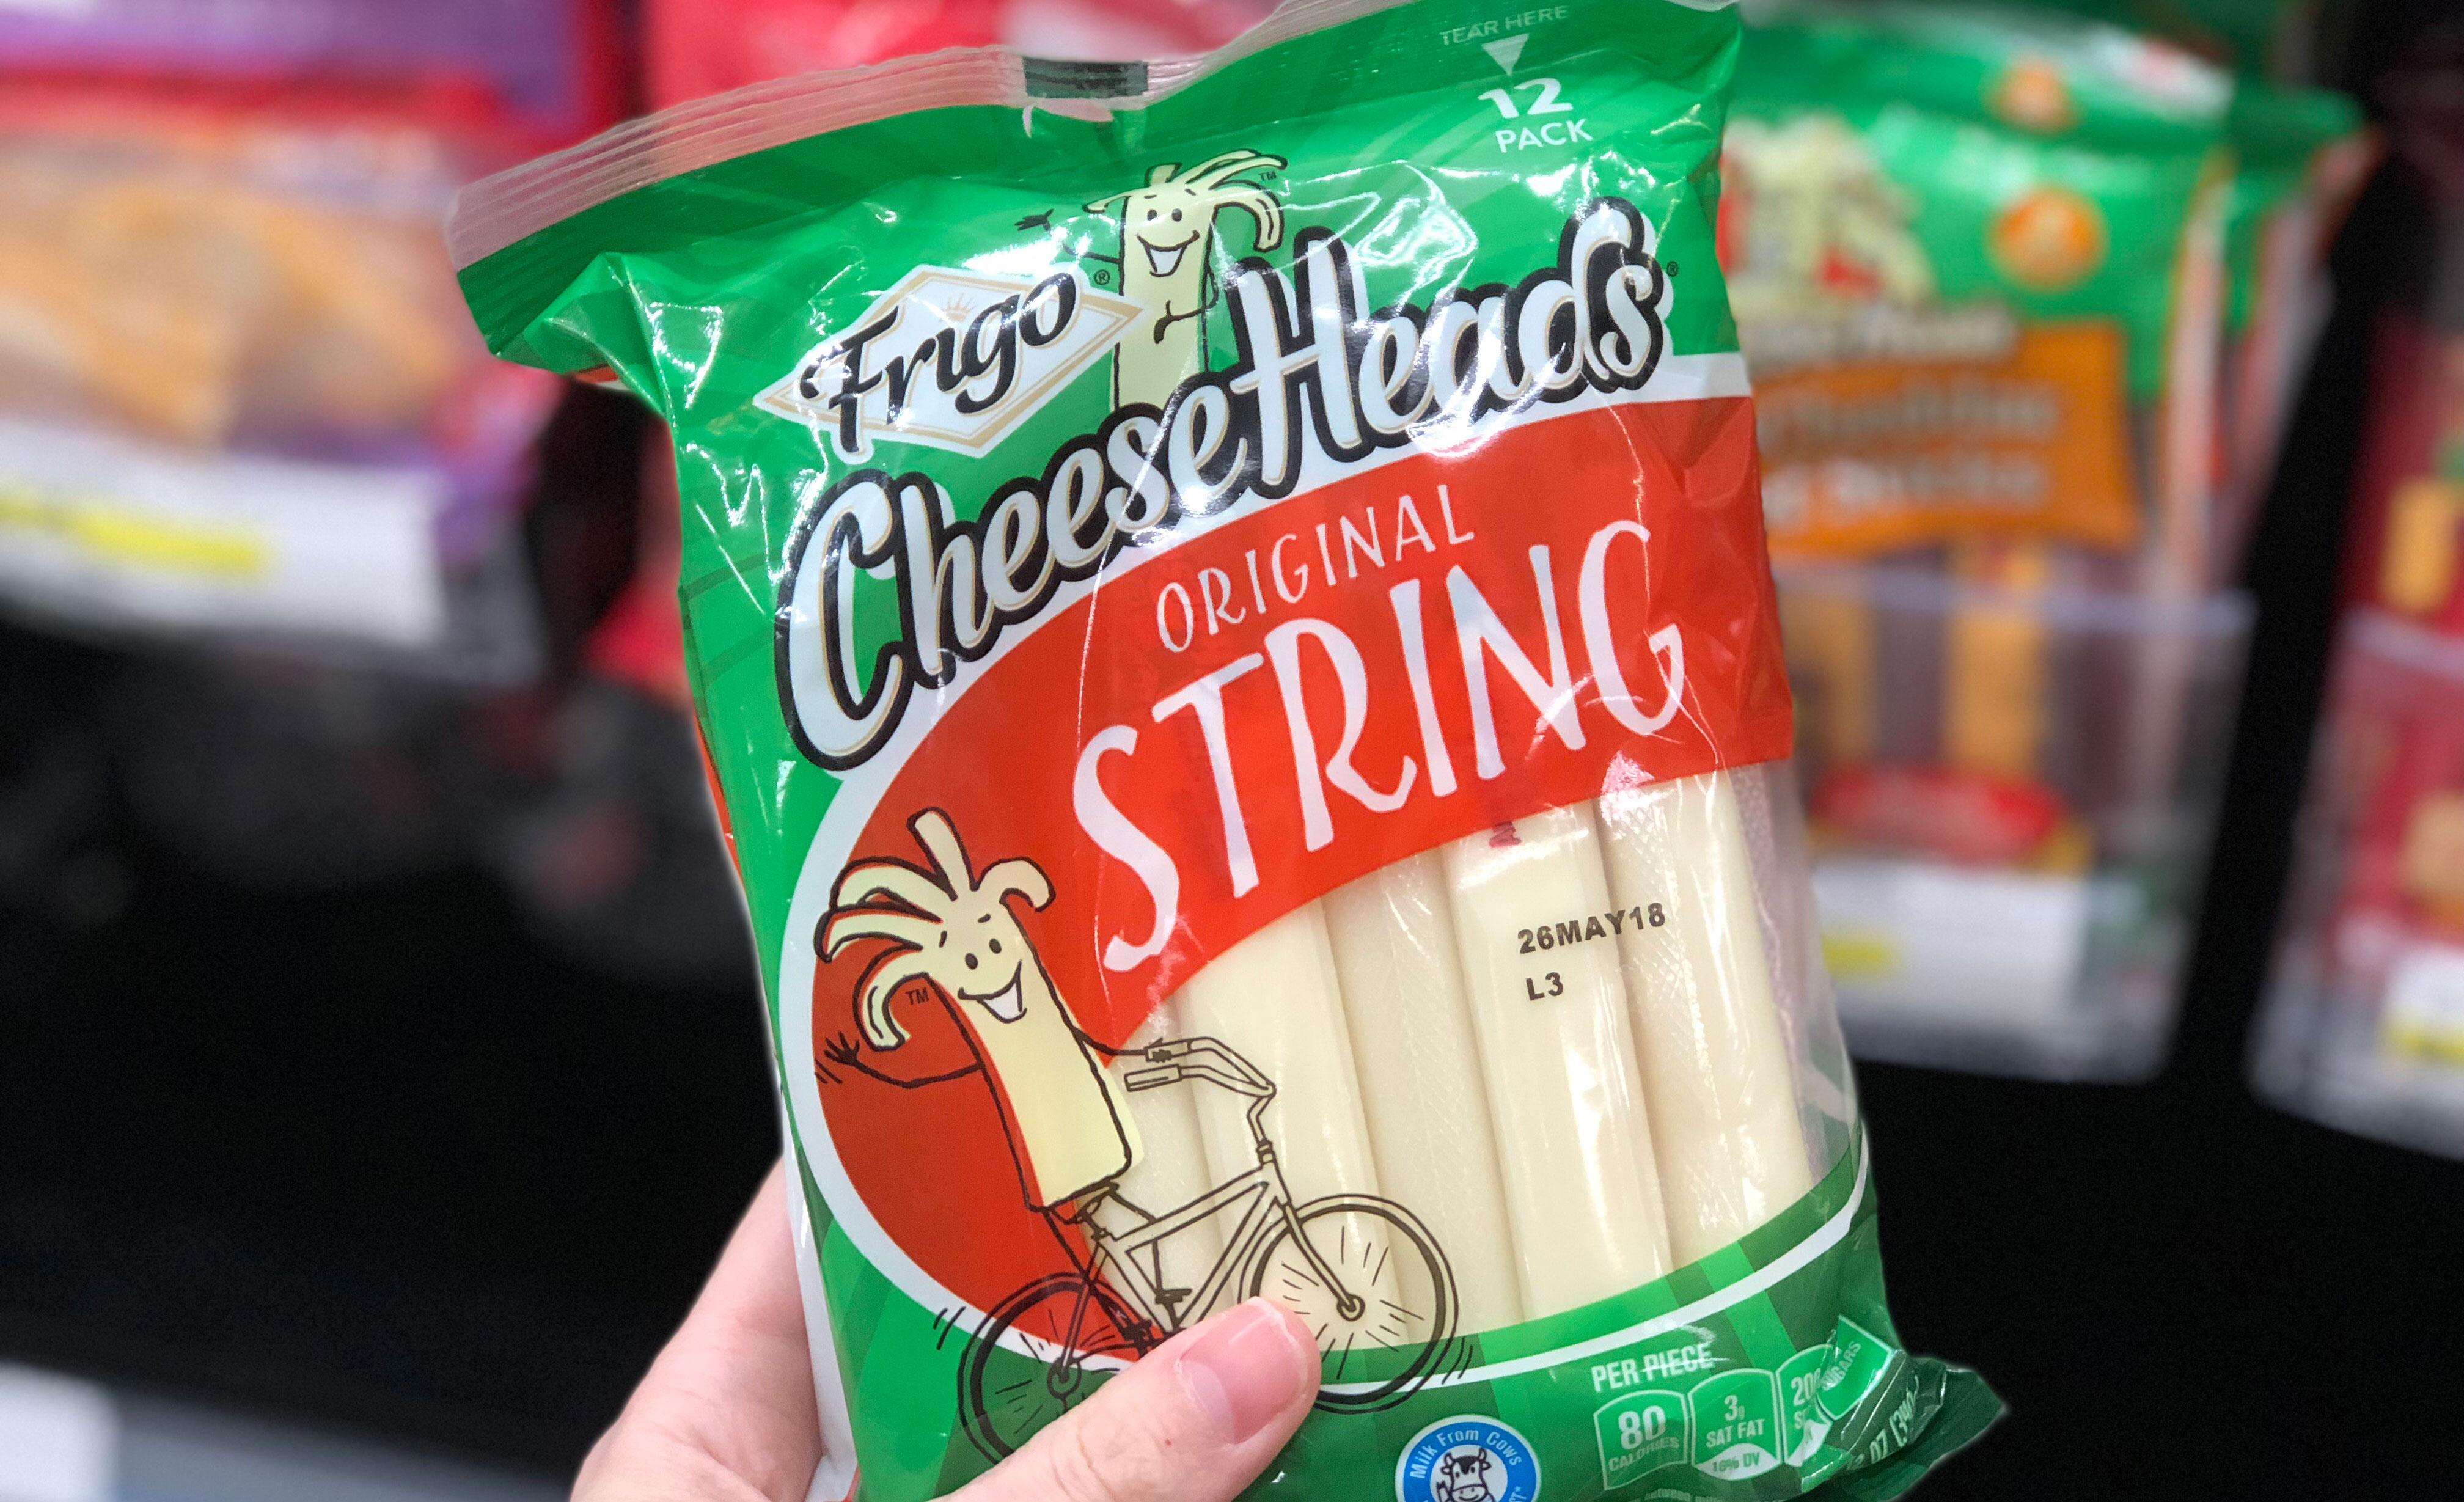 frigo cheeseheads original package